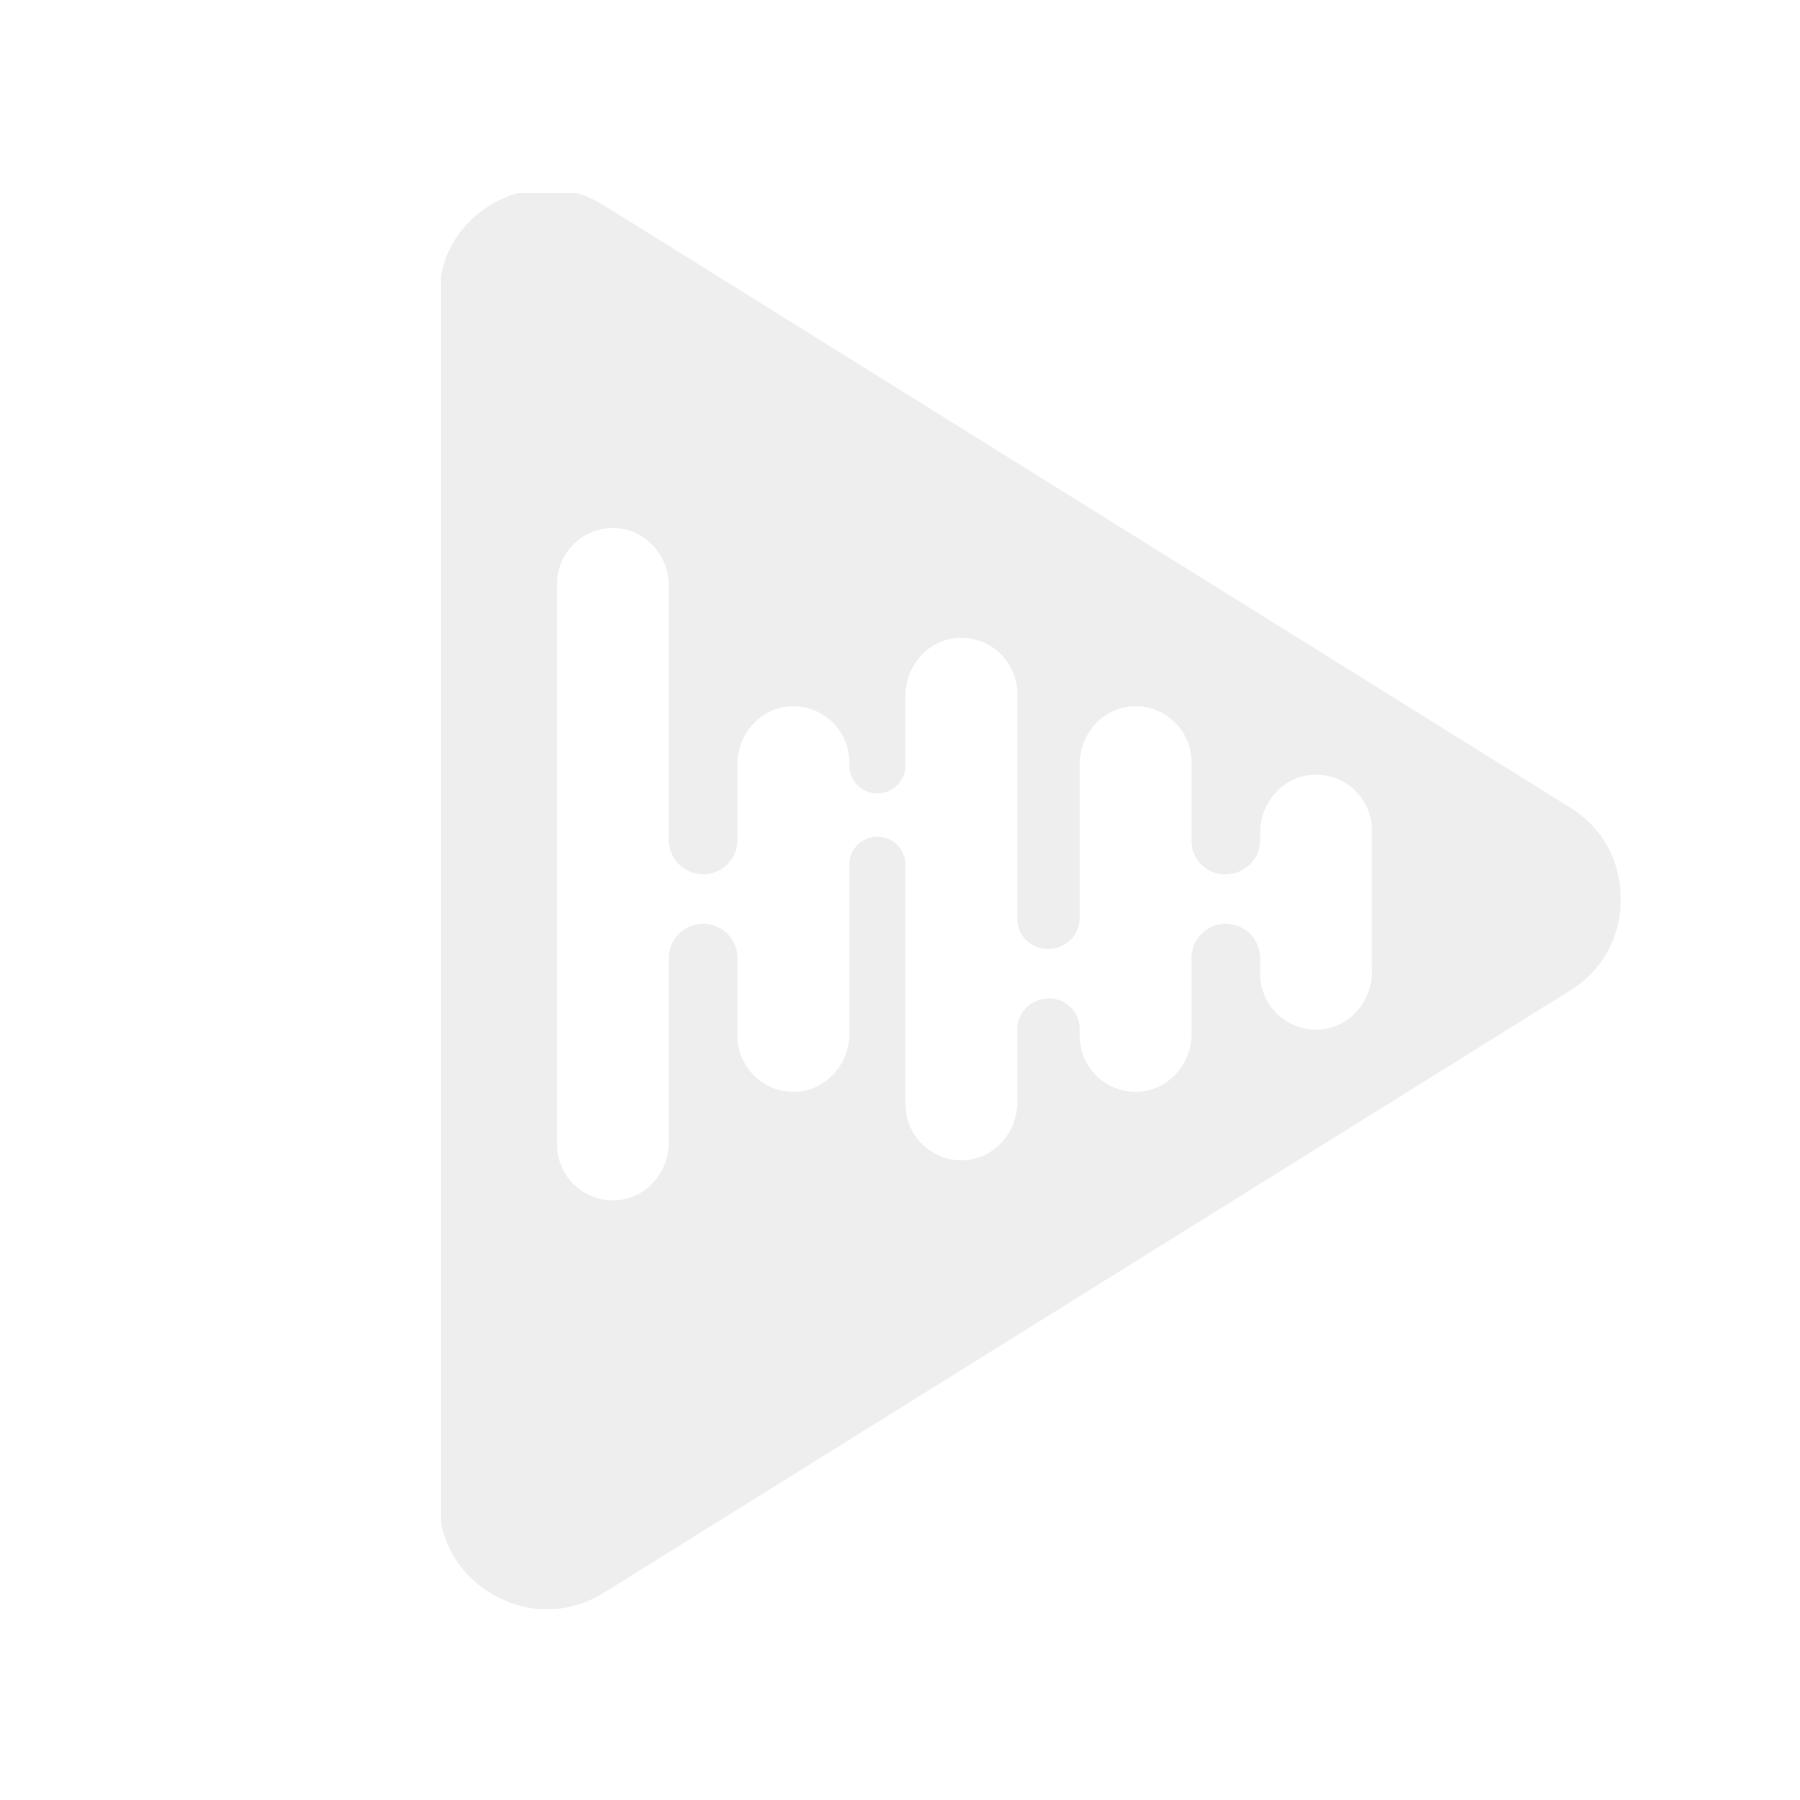 Hertz Hi-Energy 3W.10.4 - Delefilter til Hertz HSK 163.4 komponentsett, stk